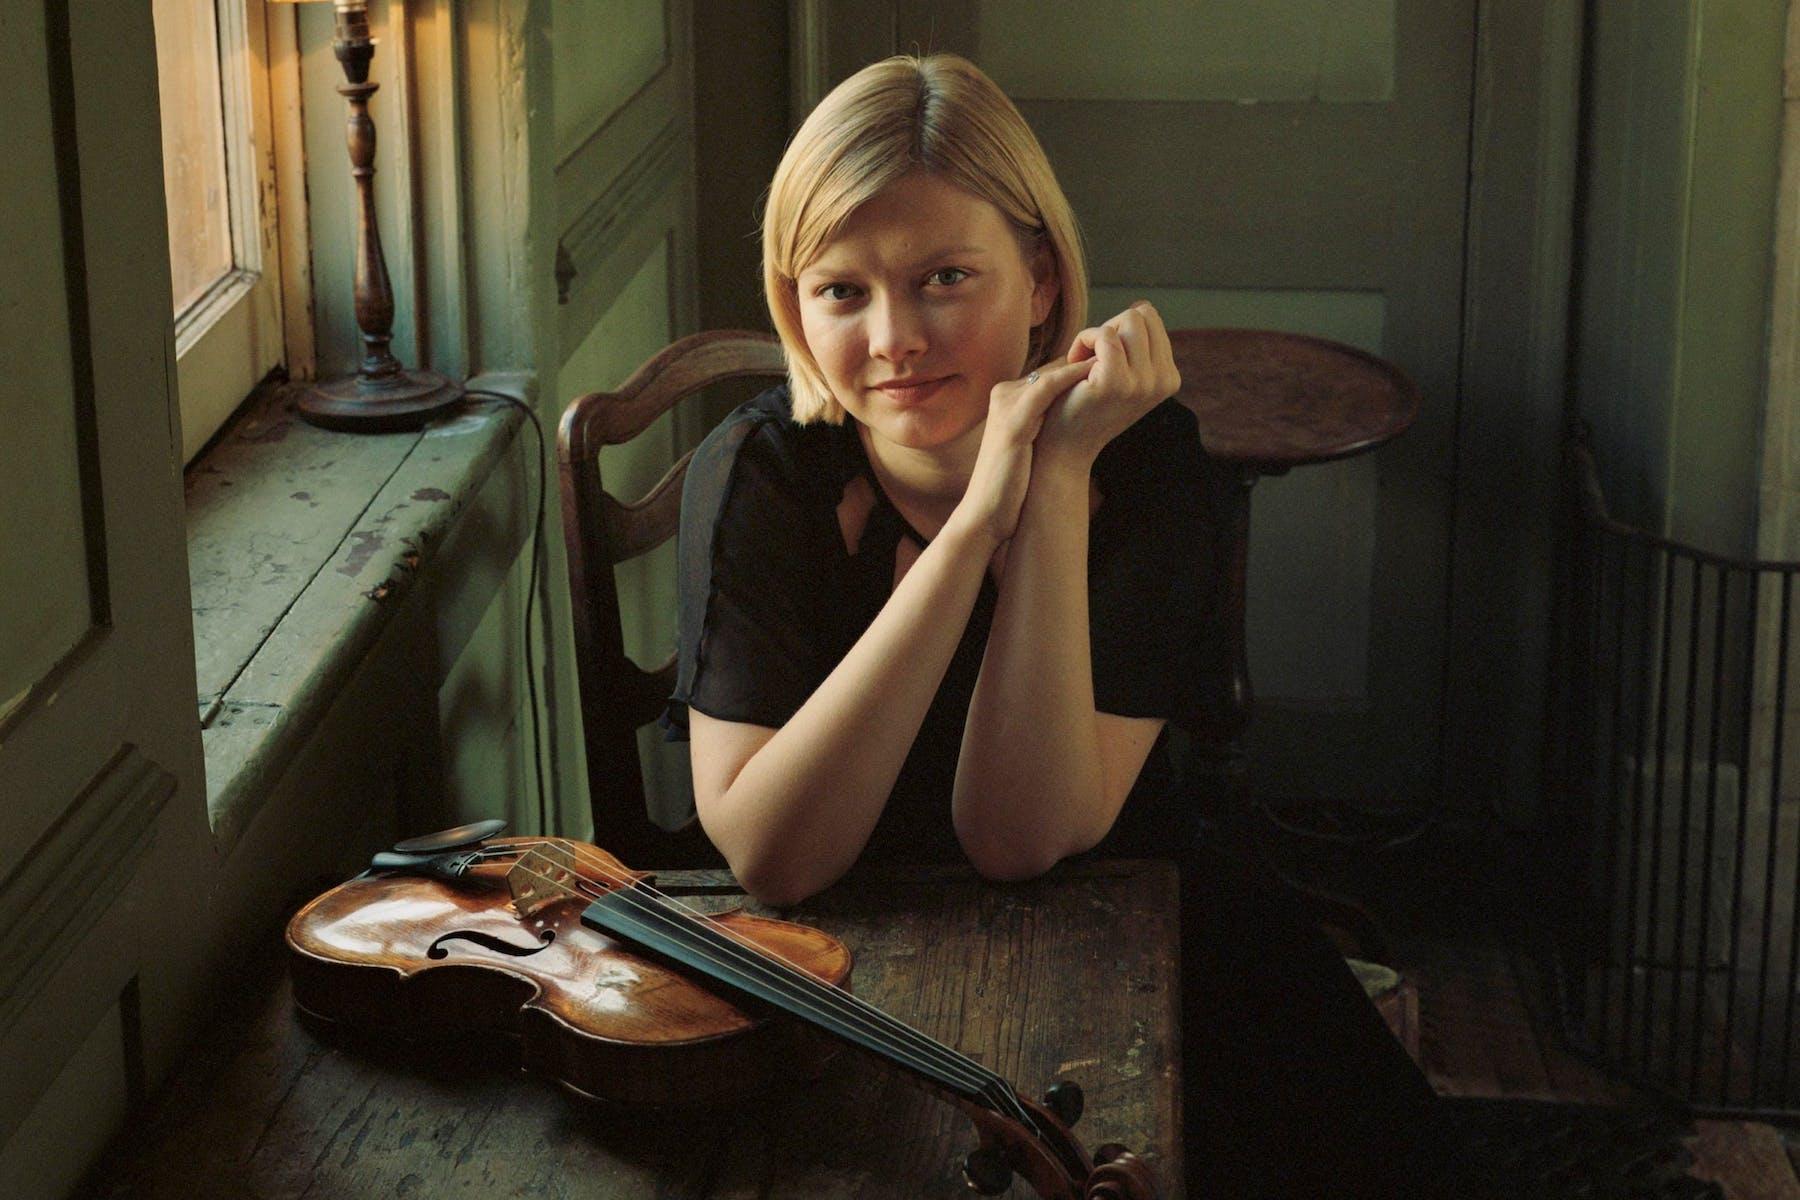 21_11_25 alina_violin_table2crop Eva Vermandel